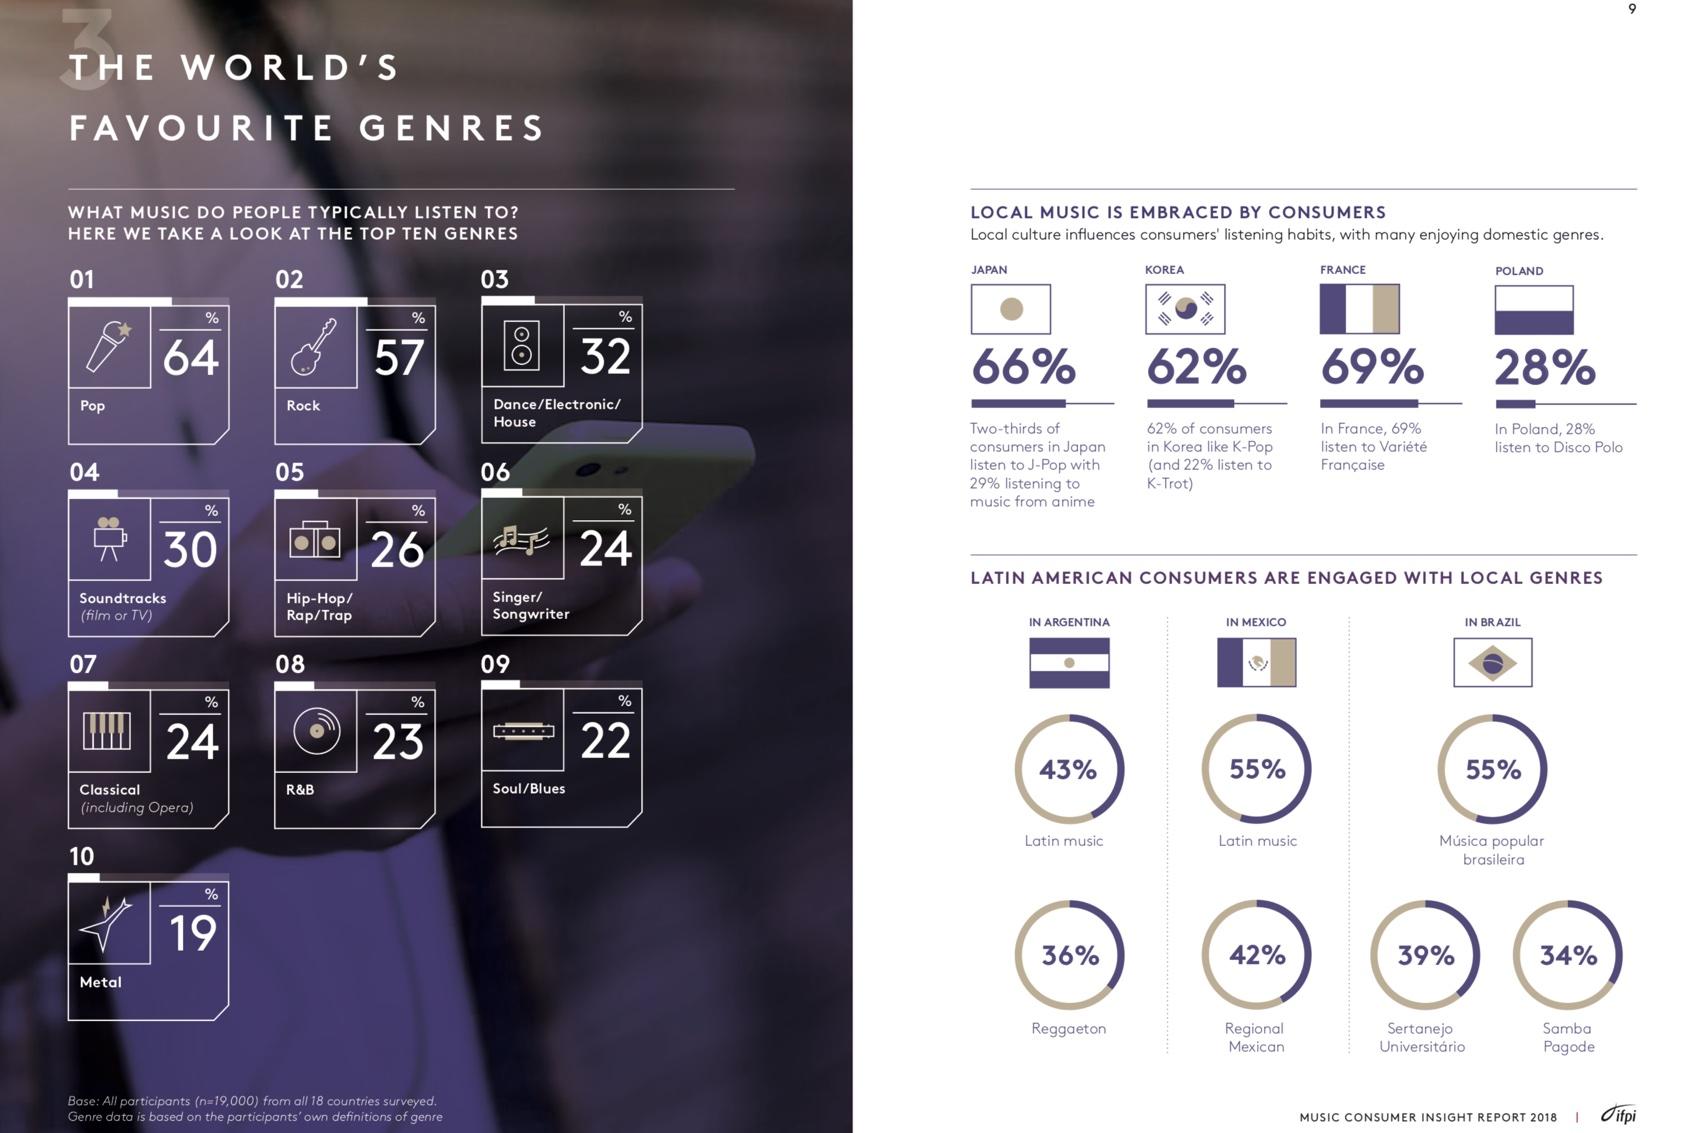 Najpopularniejsze gatunki muzyczne (raport IFPI 2018)